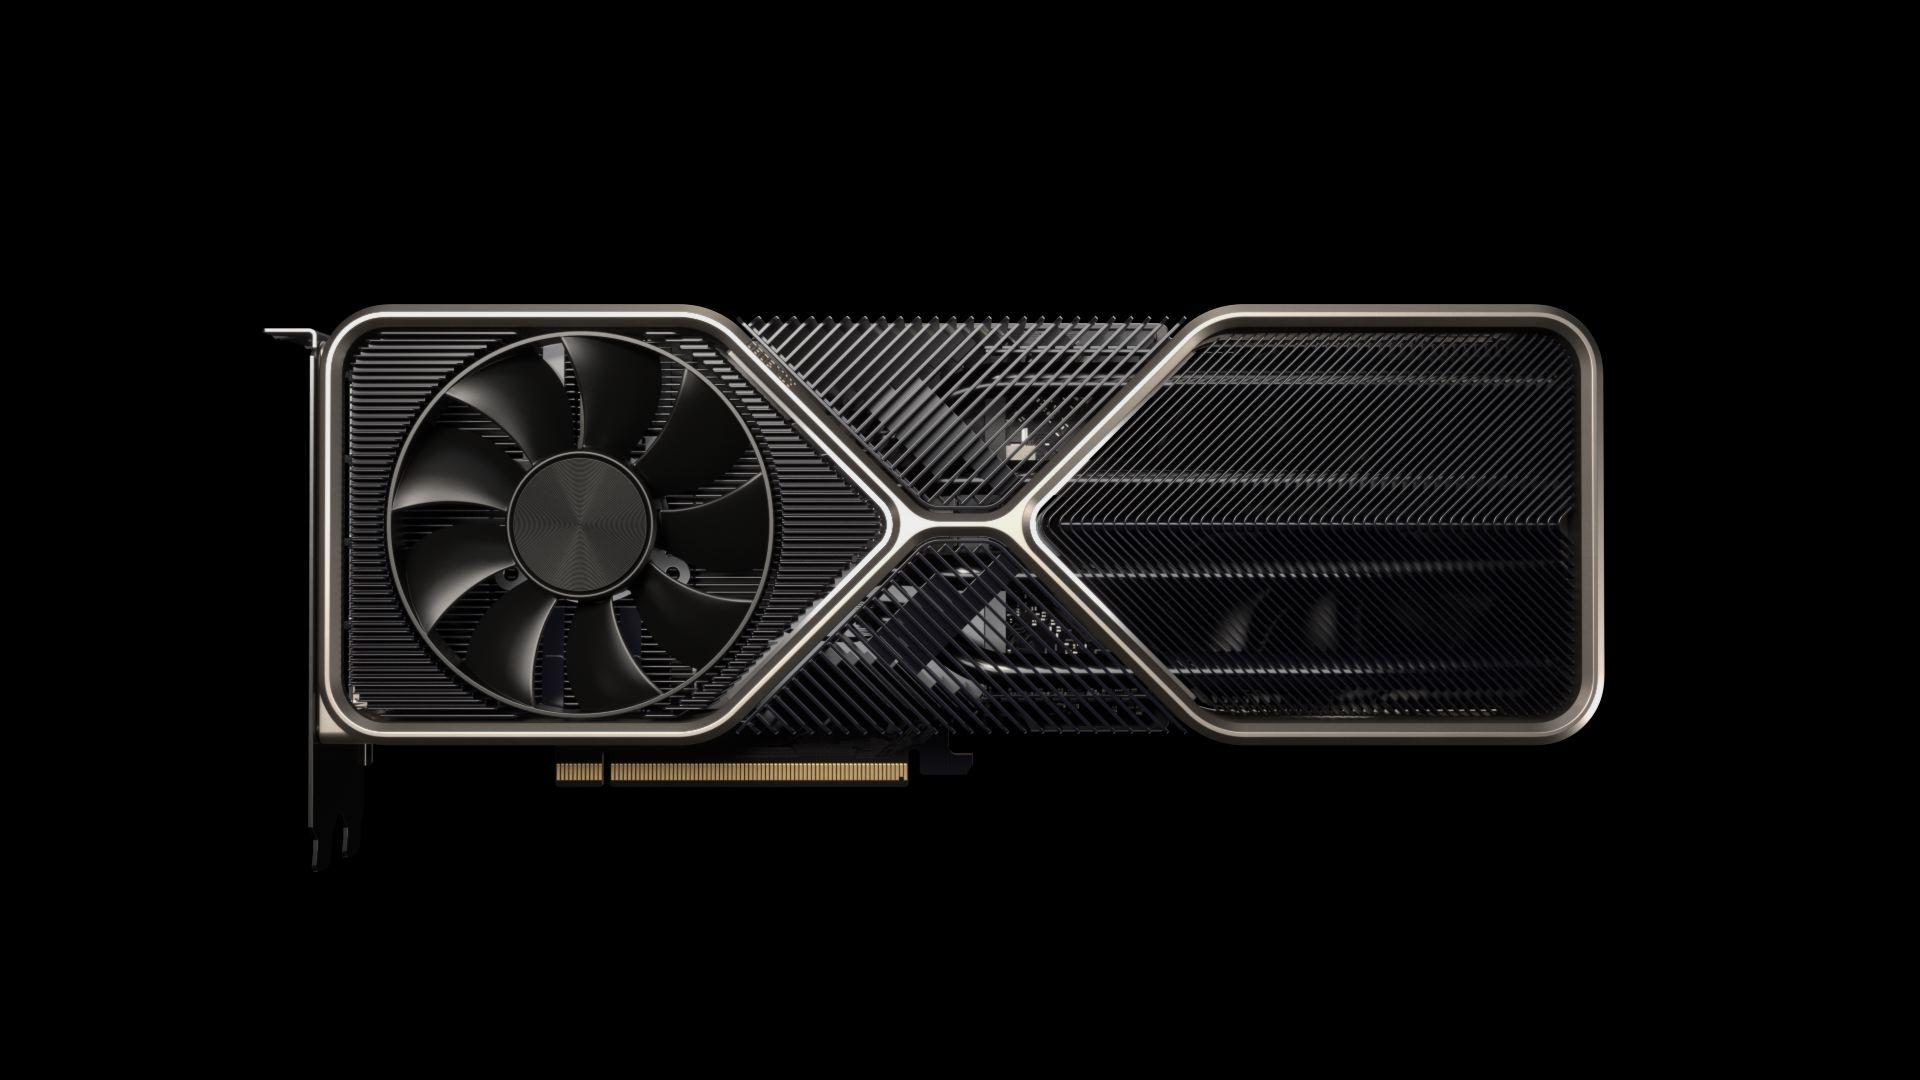 Nvidia GeForce RTX 3060 Ti kiedy premiera plotki przecieki wycieki specyfikacja dane techniczne